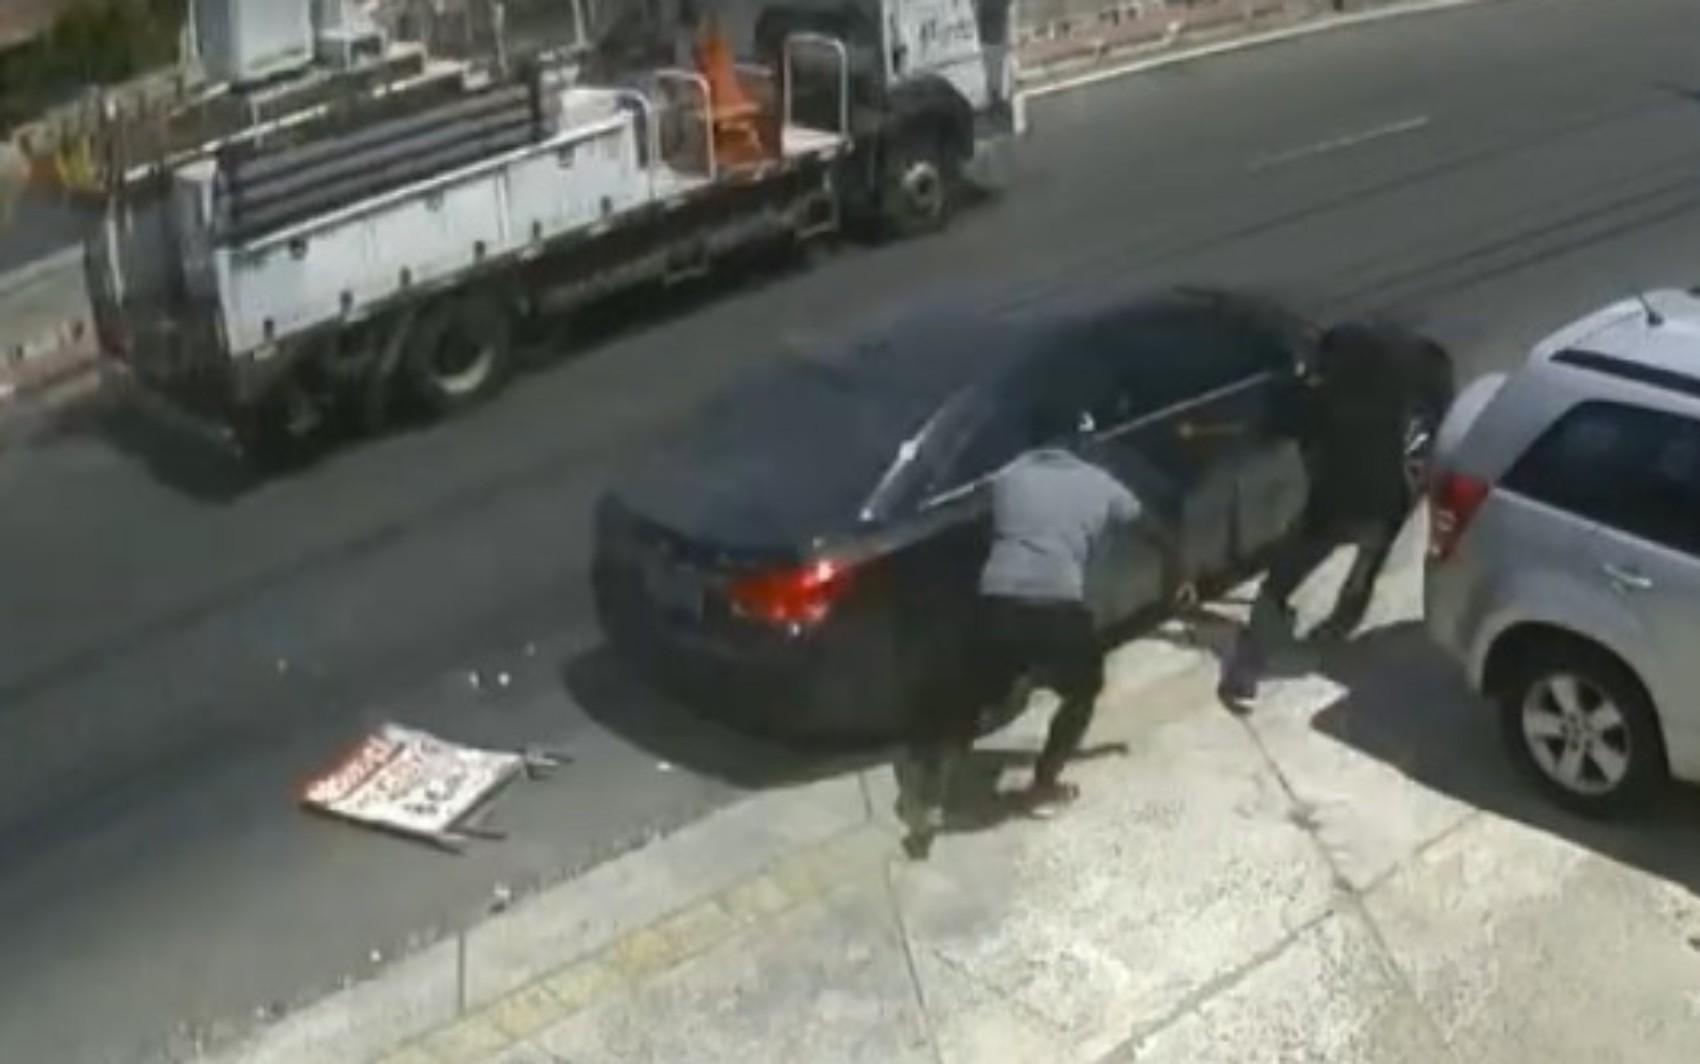 Em carro blindado, homem escapa de assalto em bairro de Salvador; suspeitos dispararam contra o veículo